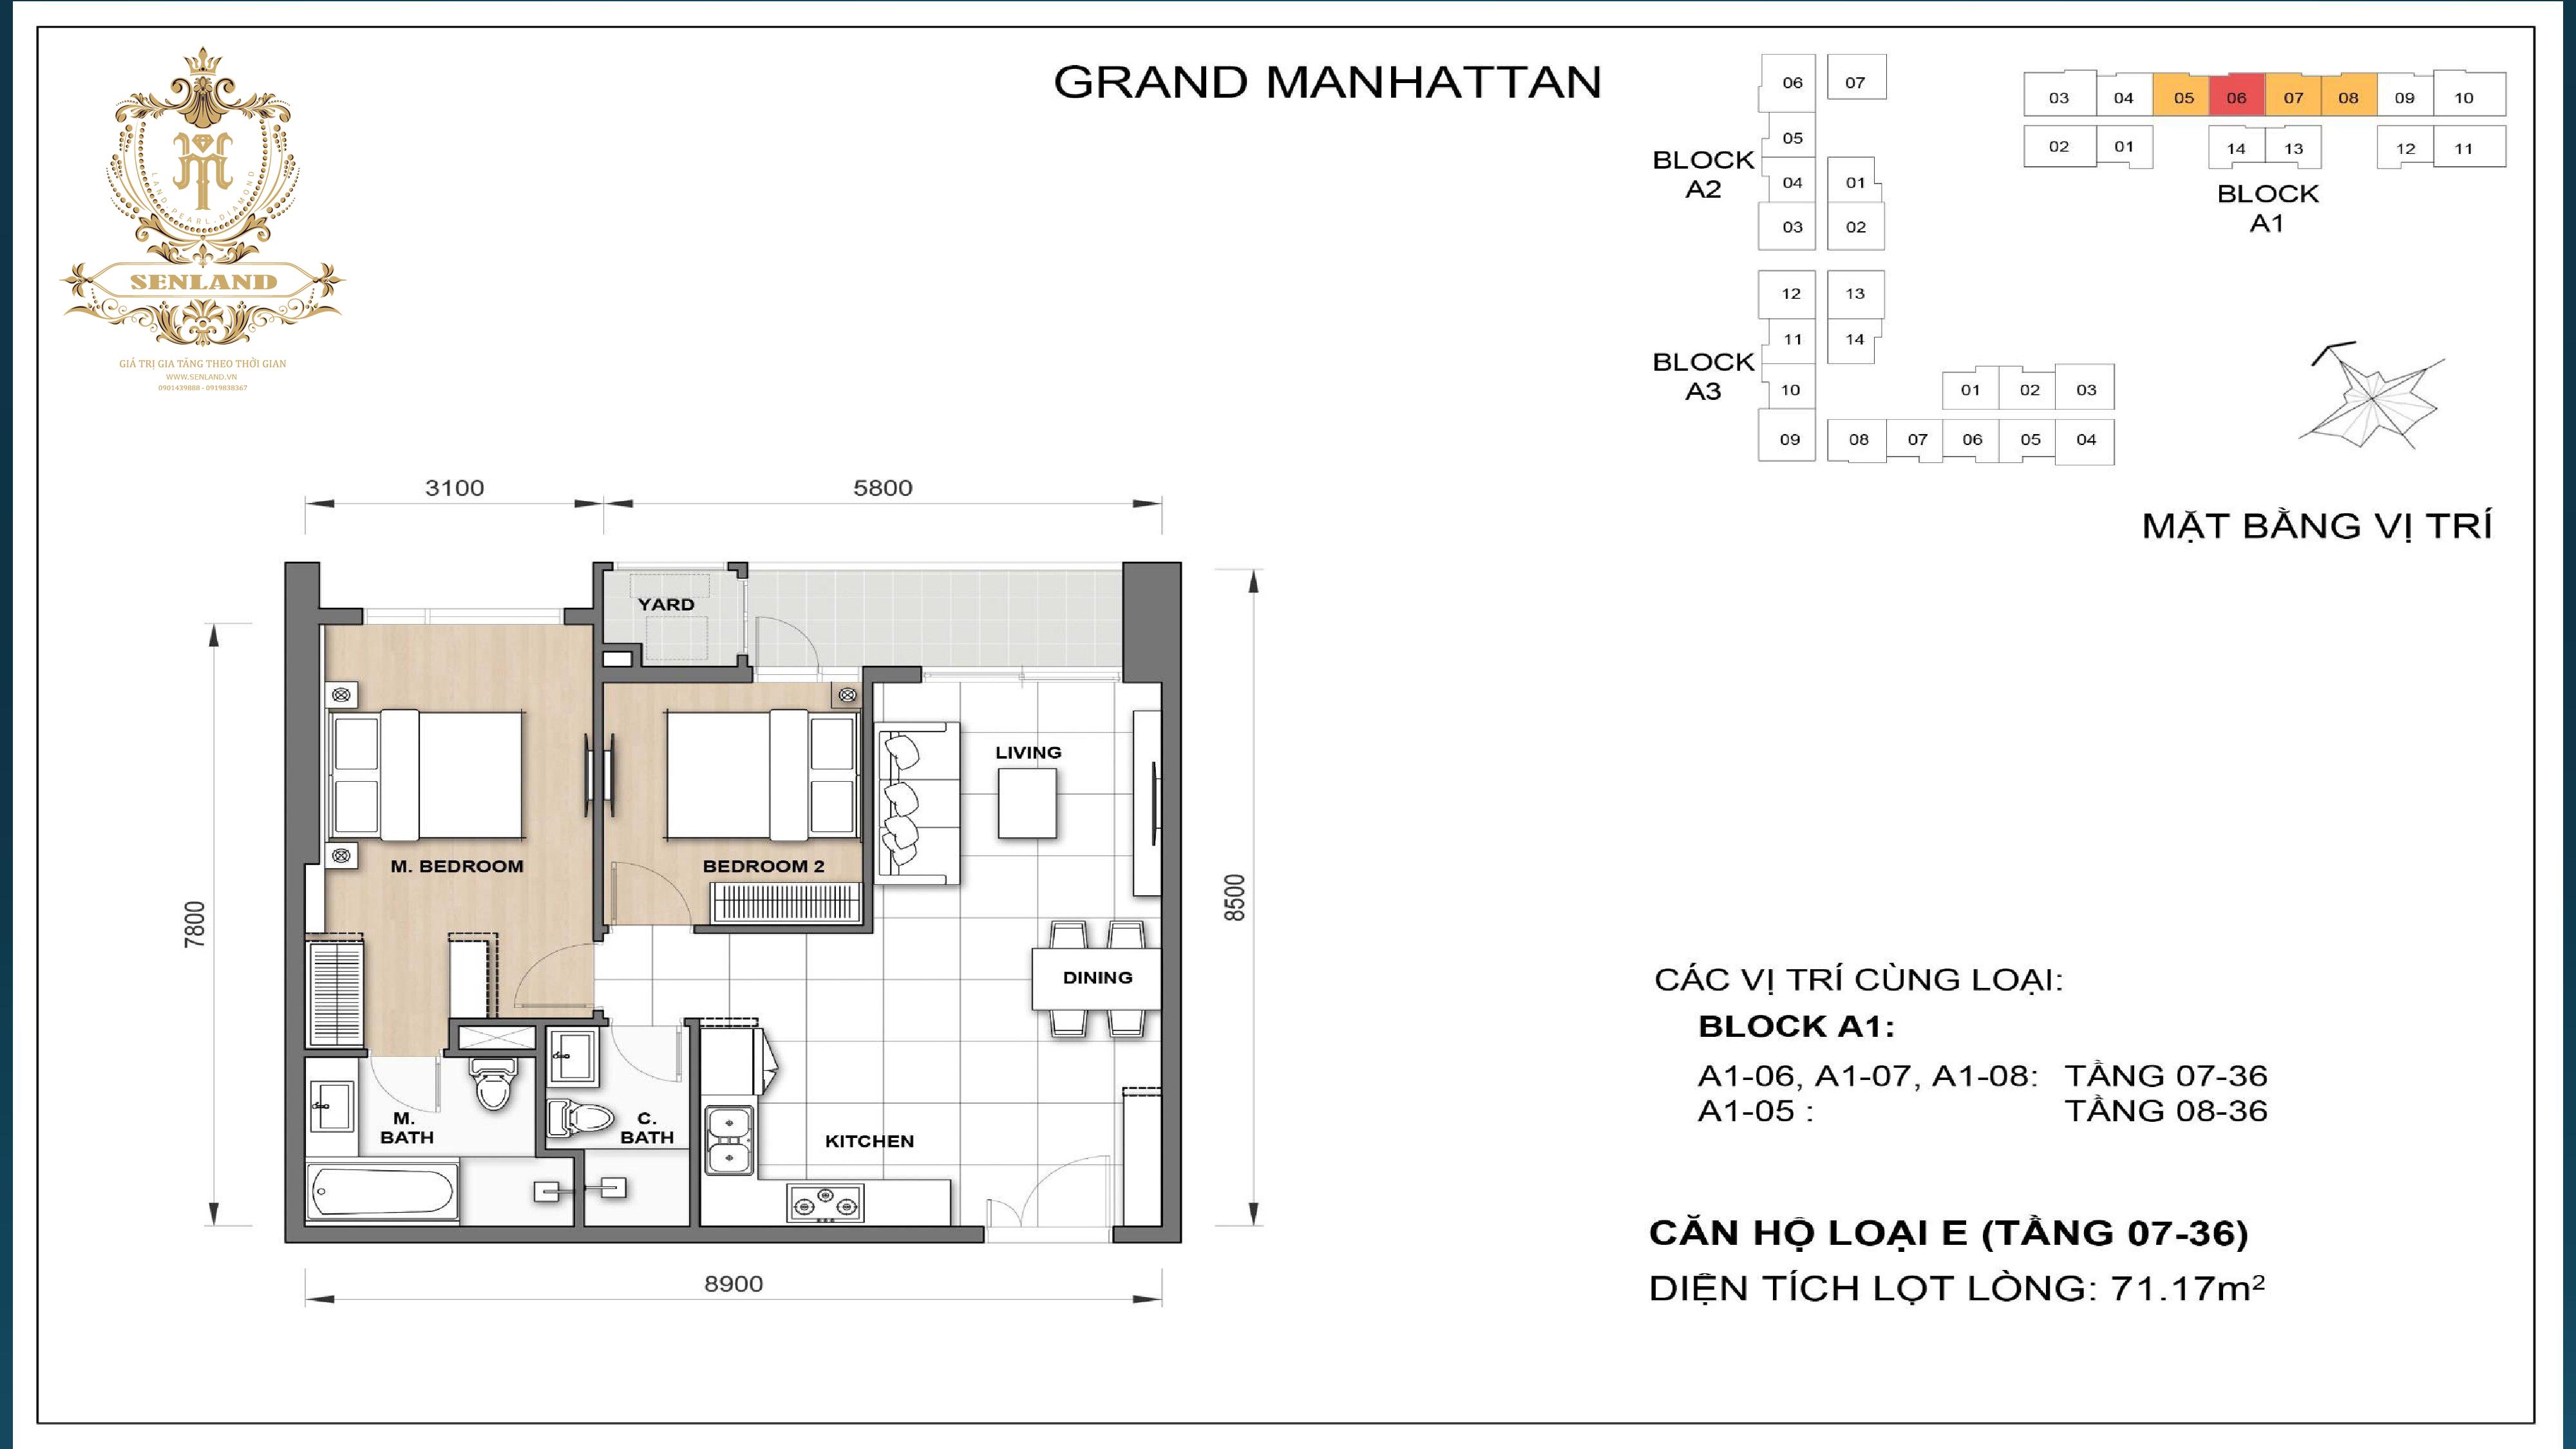 FILE-GII-THIU-THAP-THE-GRAND-MANHATTAN-2019-06-0528-00.jpg